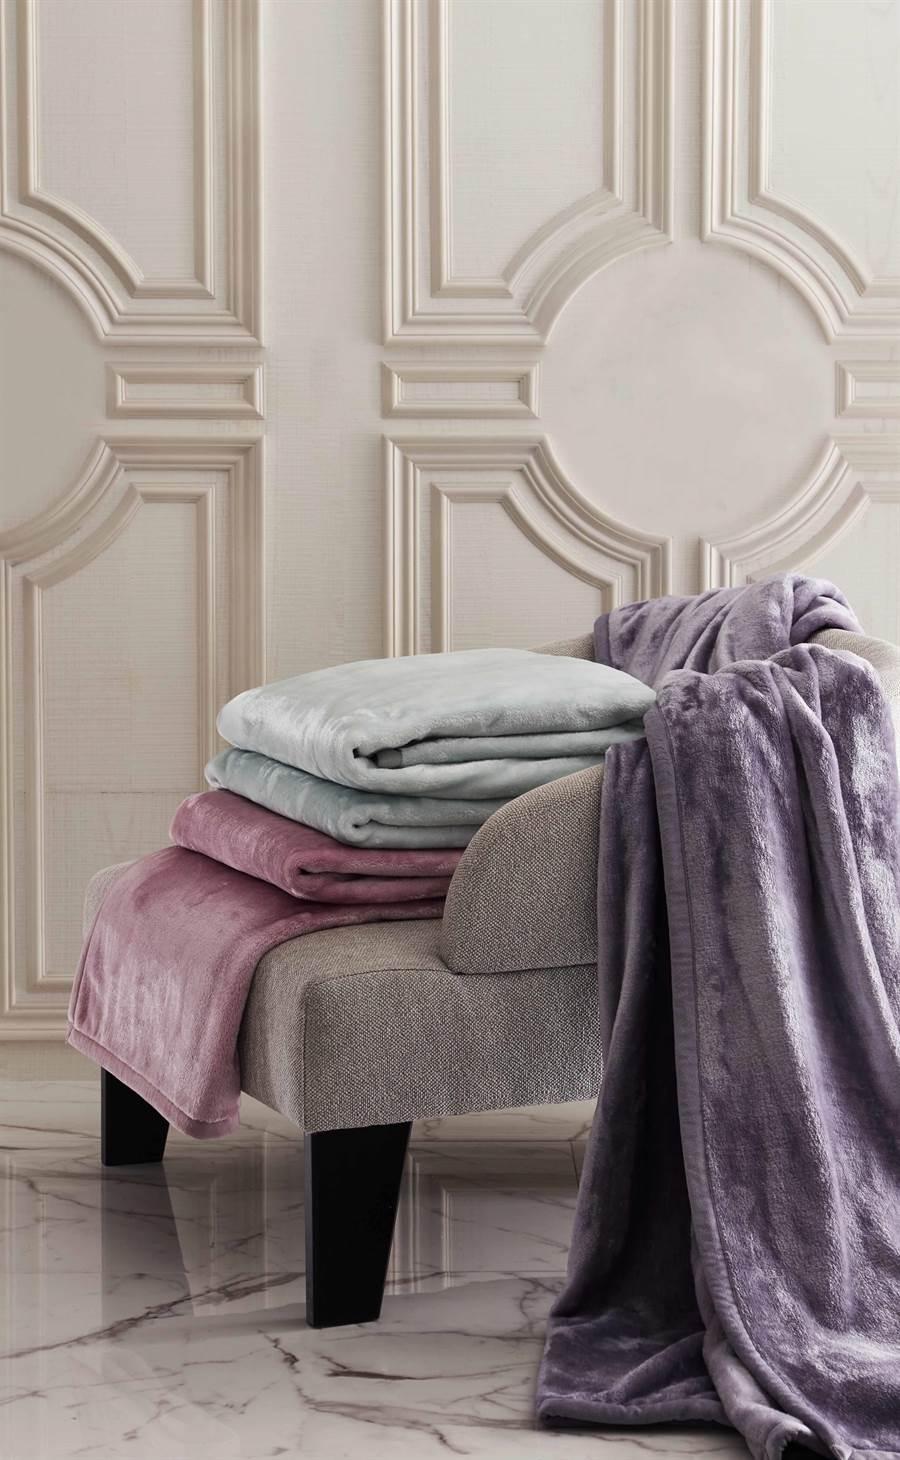 ToniaNicole東妮寢飾素色雪芙蓉毯原價7960元,特價2680元。(東妮寢飾提供)